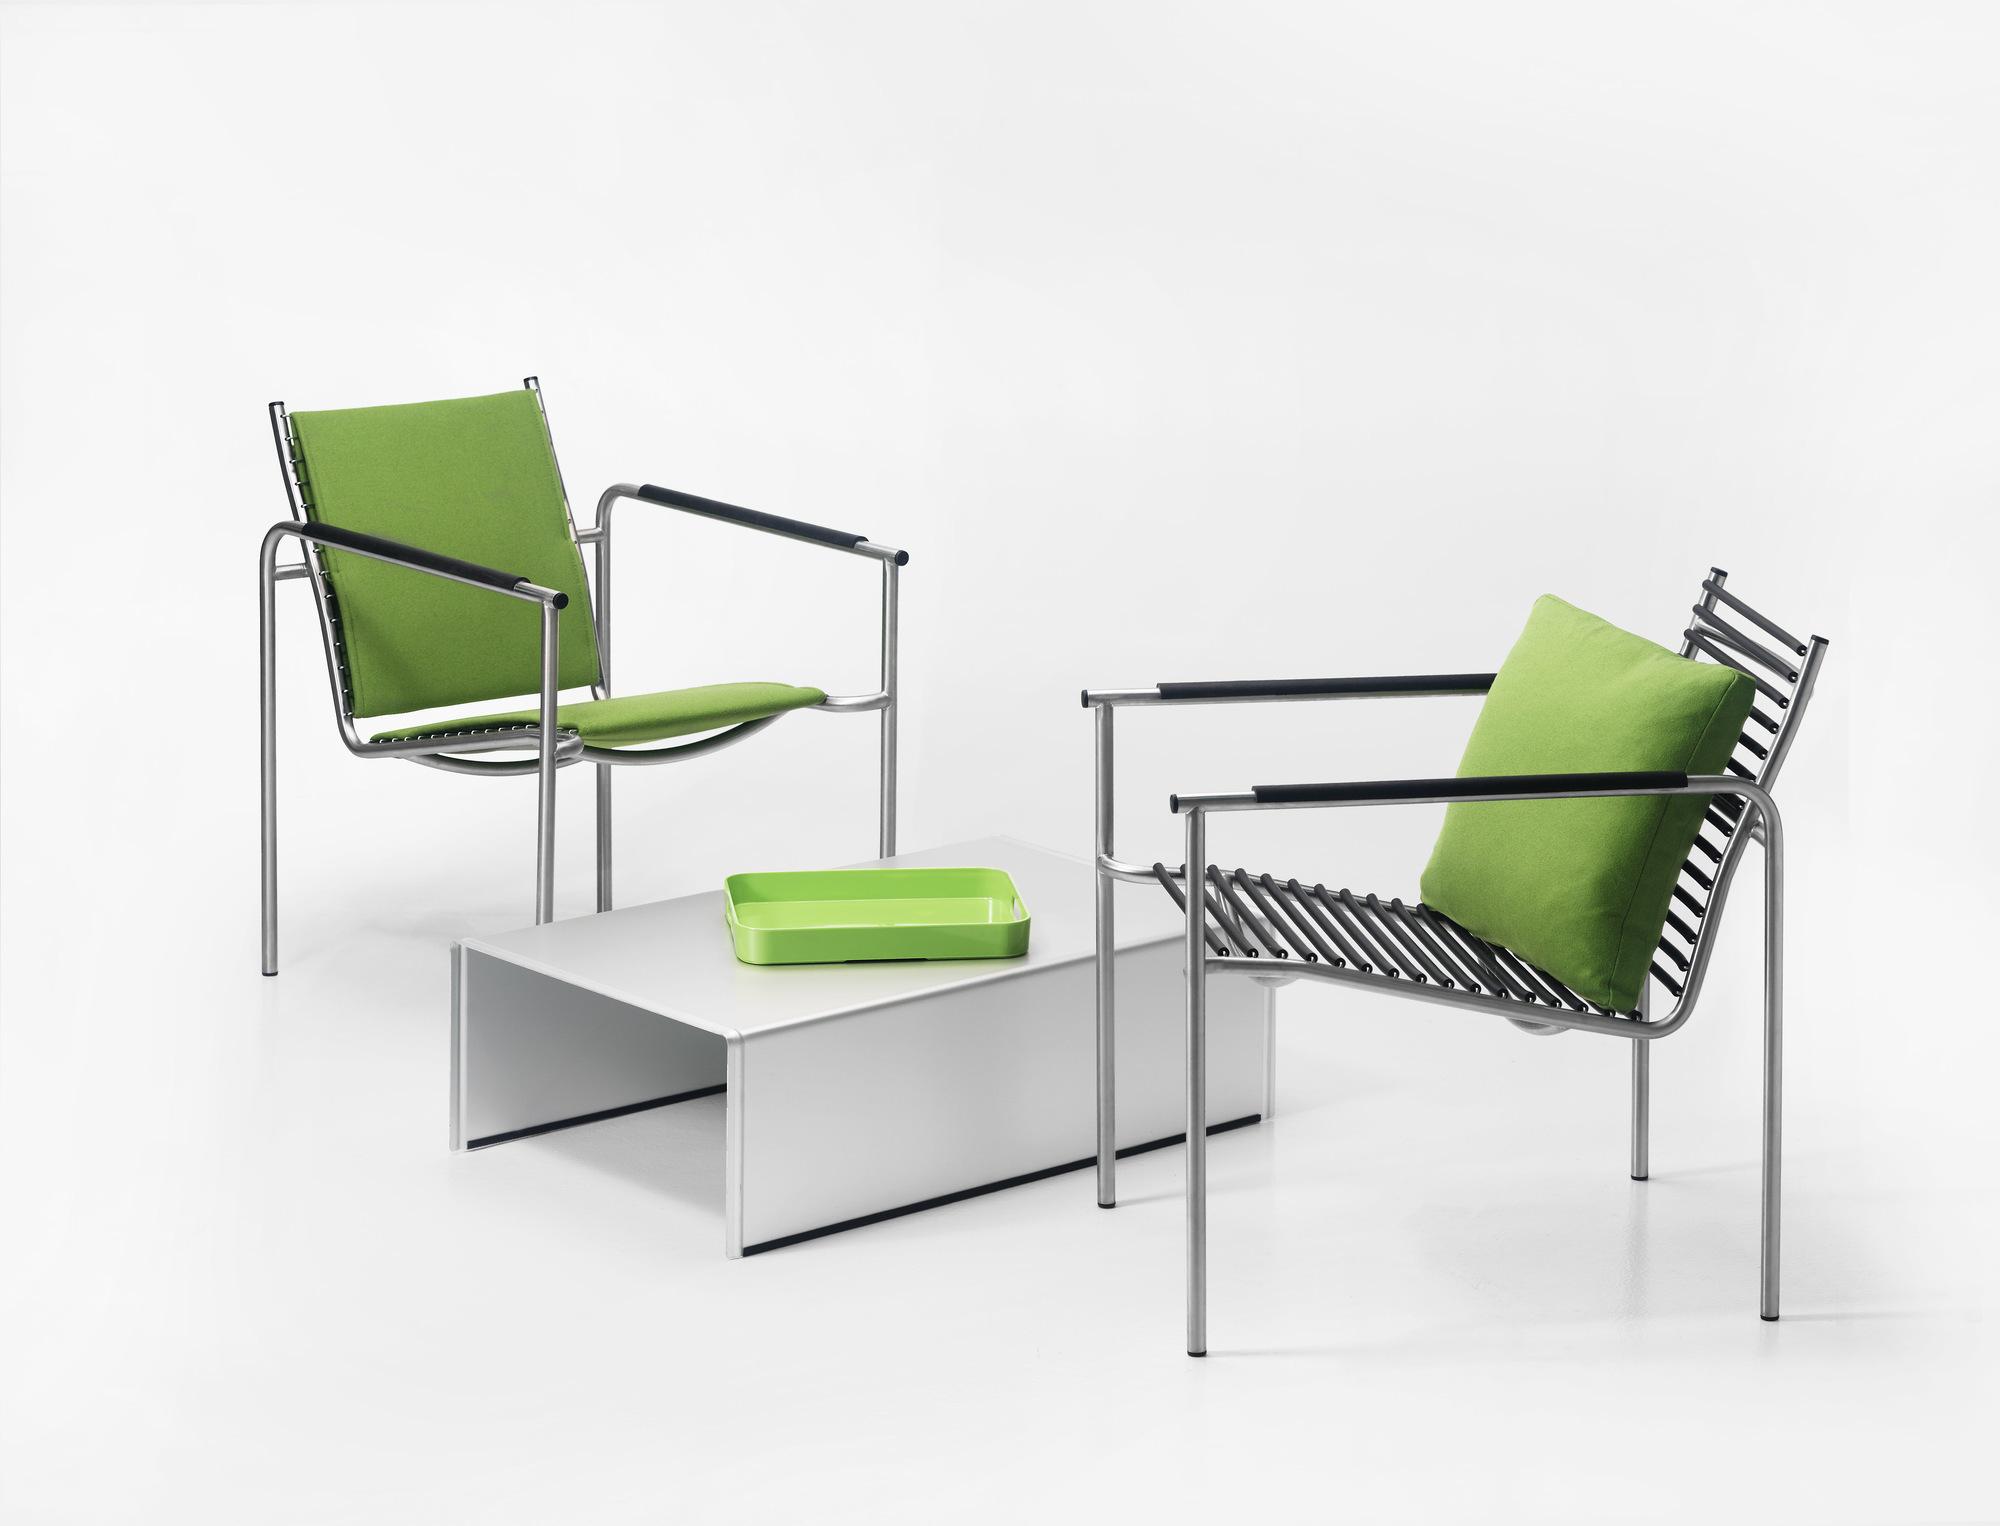 1531833852-gartenmoebel-fauteuil-julia_2.jpg